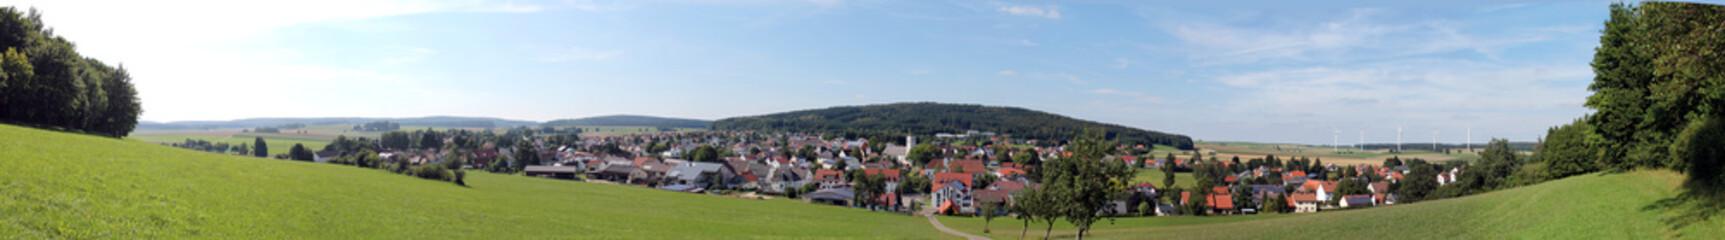 Bartholomä Panorama Schwäbische Alb